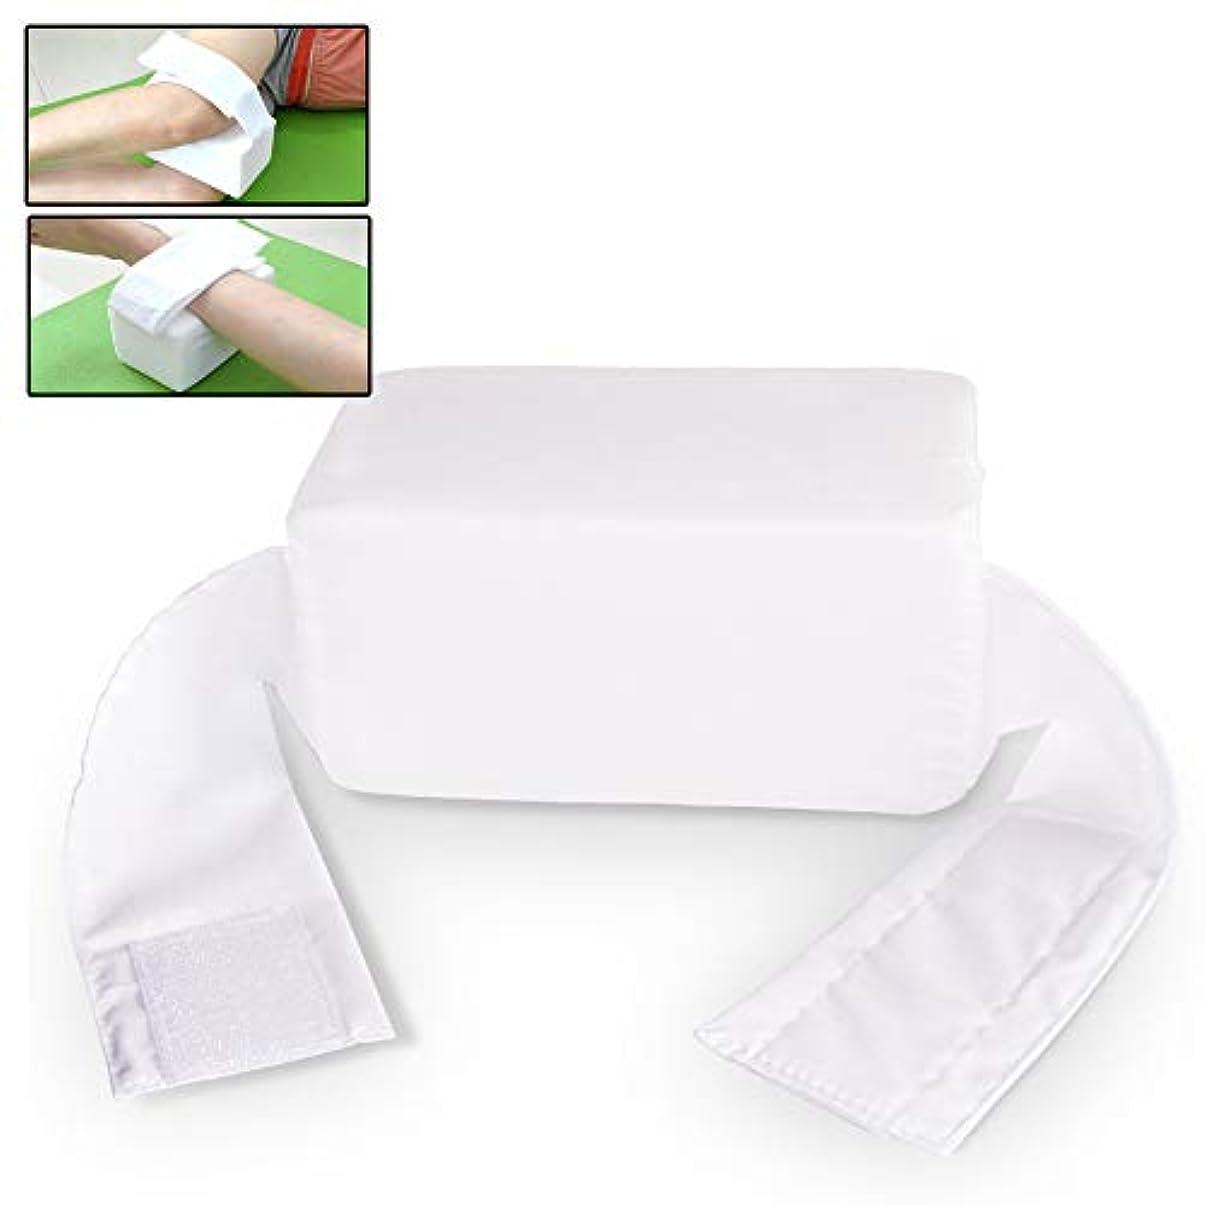 スーツセレナグラム調節可能なストラップ付きの多機能抗床ずれ膝枕 -サイドスリーパー、坐骨神経痛、妊娠と関節痛のためのくさびスポンジ枕